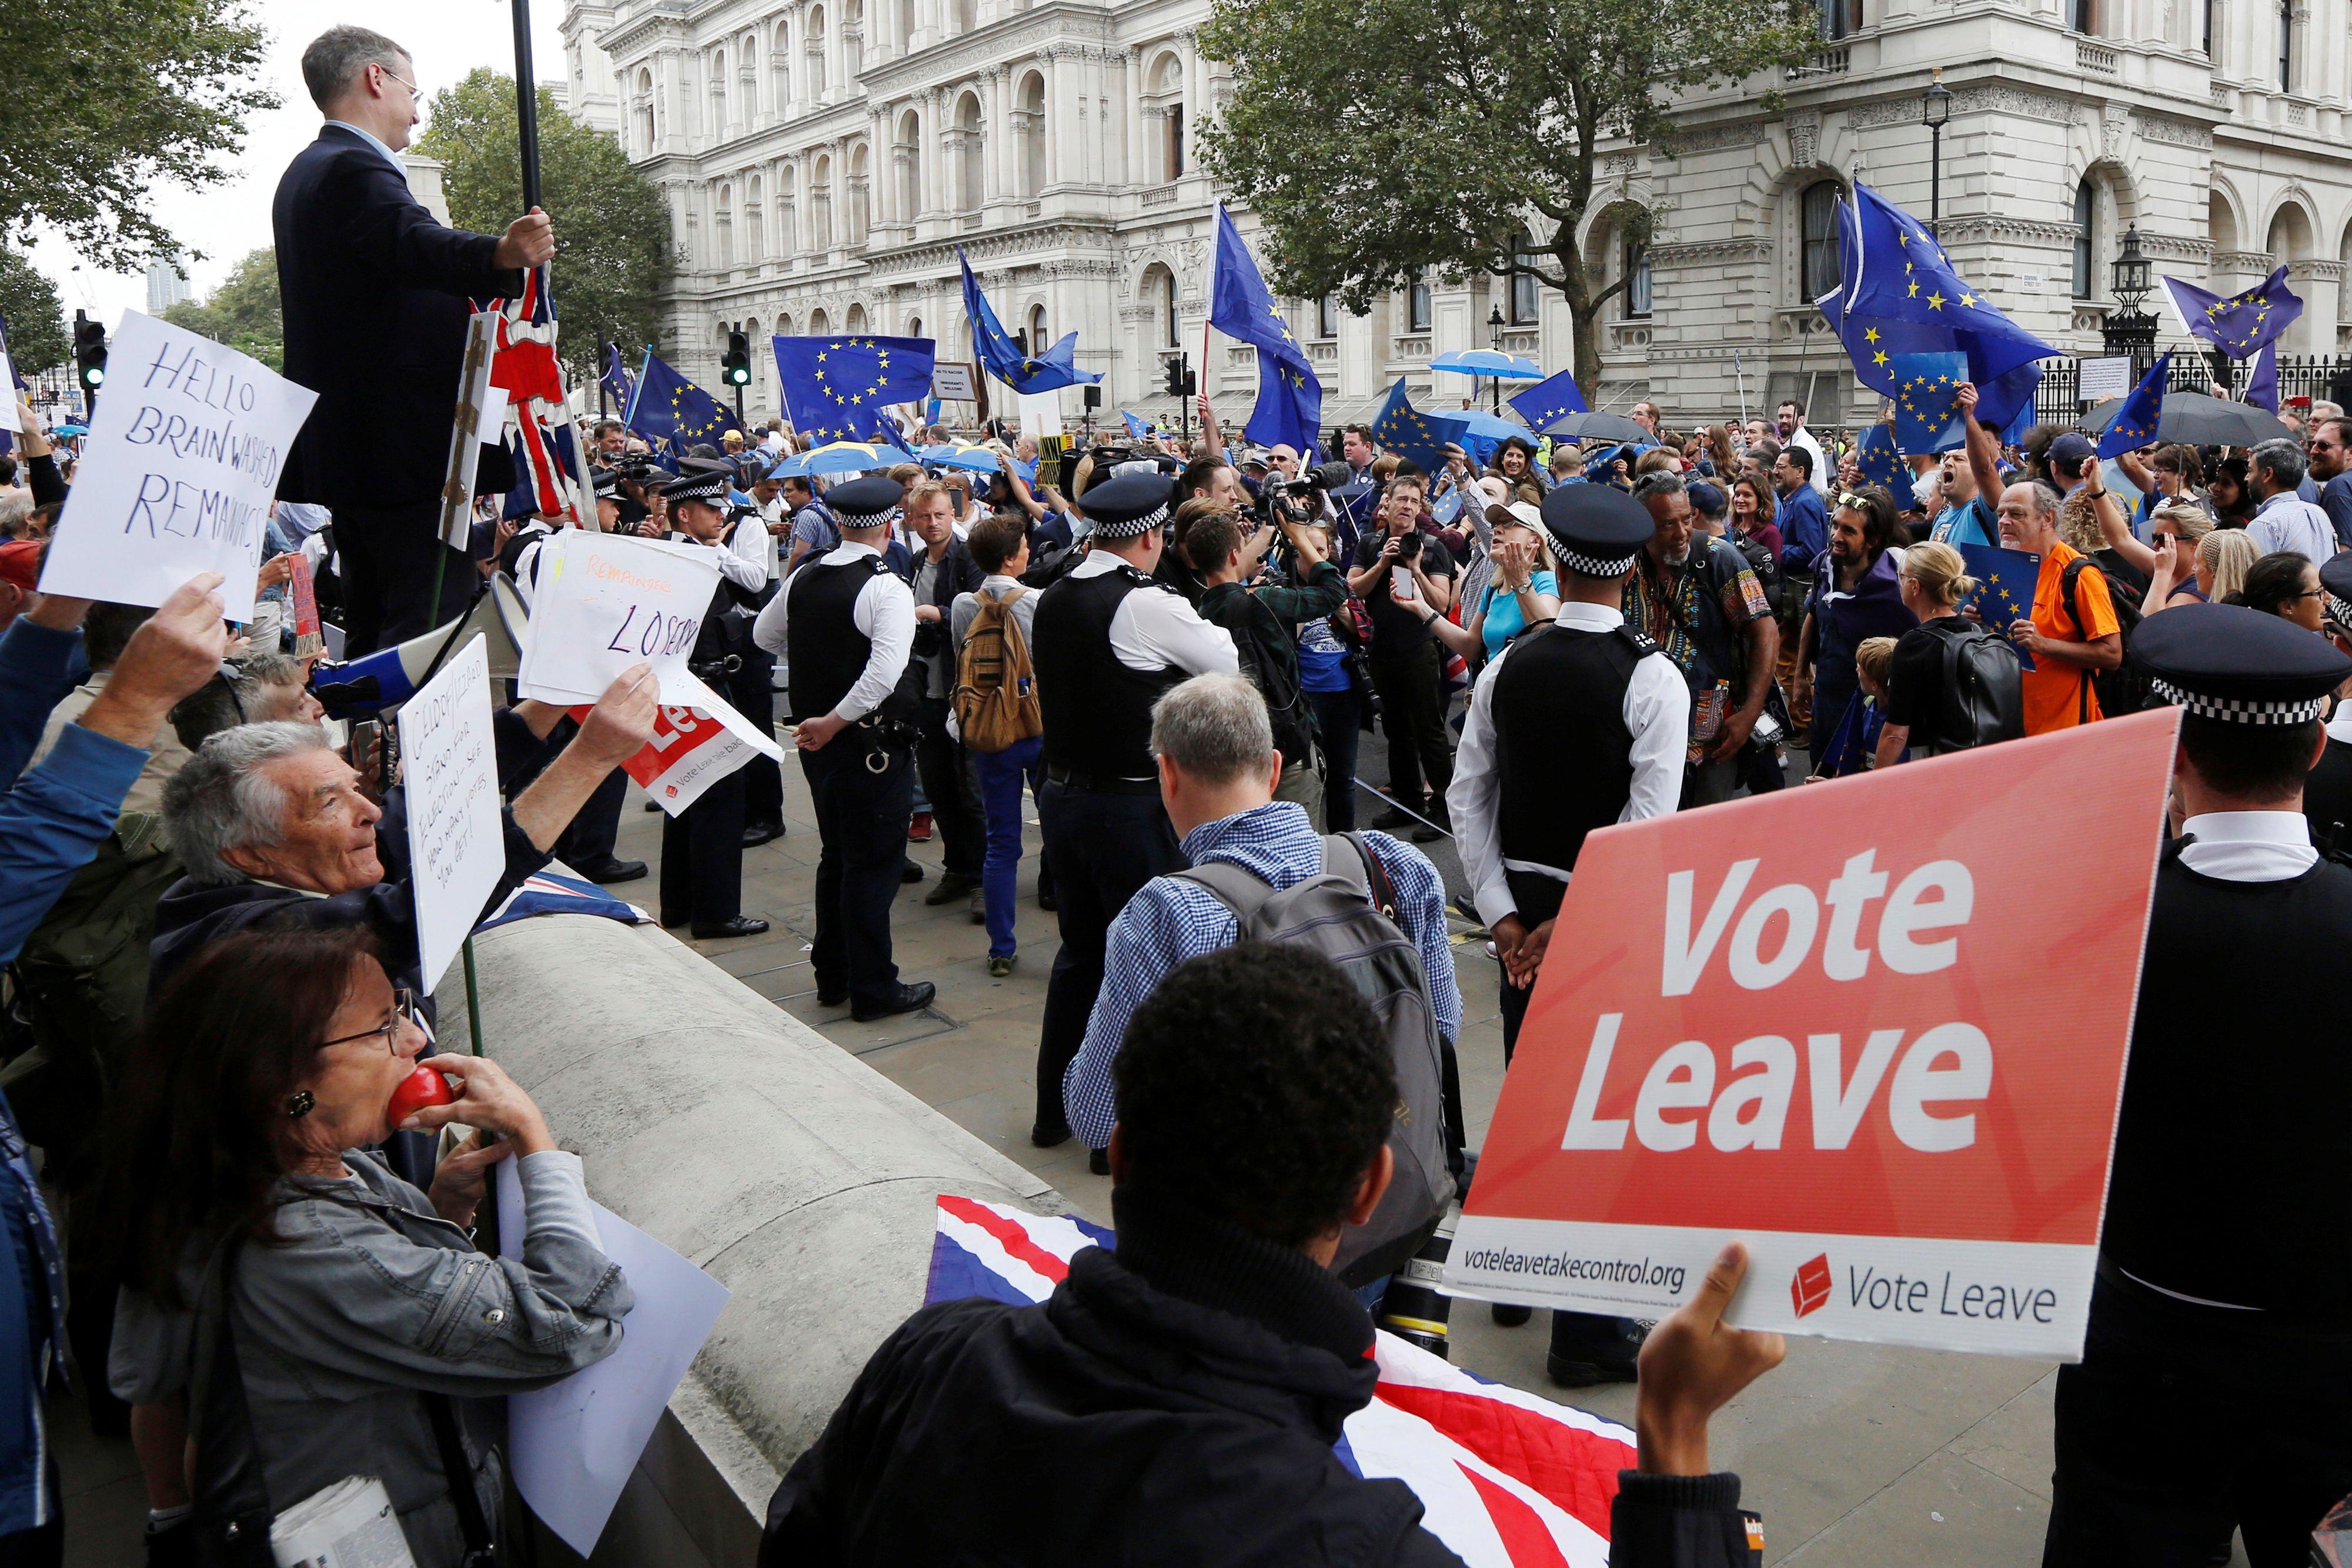 Jungtinė Karalystė pasitrauks, bet jos įsipareigojimai ES – liks